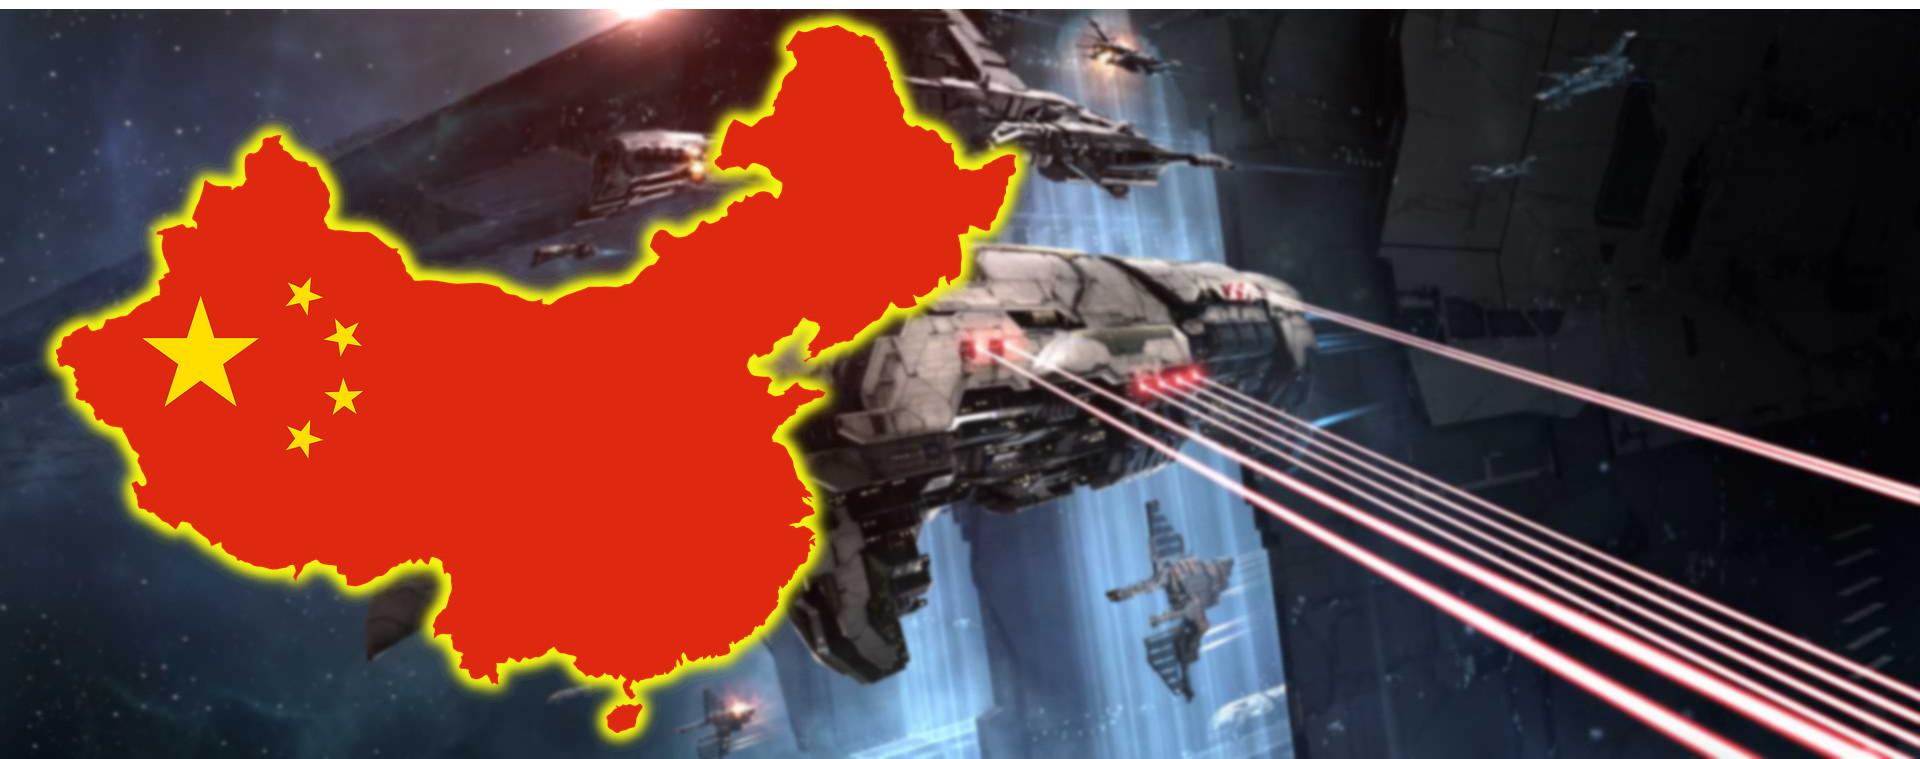 EVE Online will das MMORPG sein, das alle spielen, wenn China den Weltraum erobert